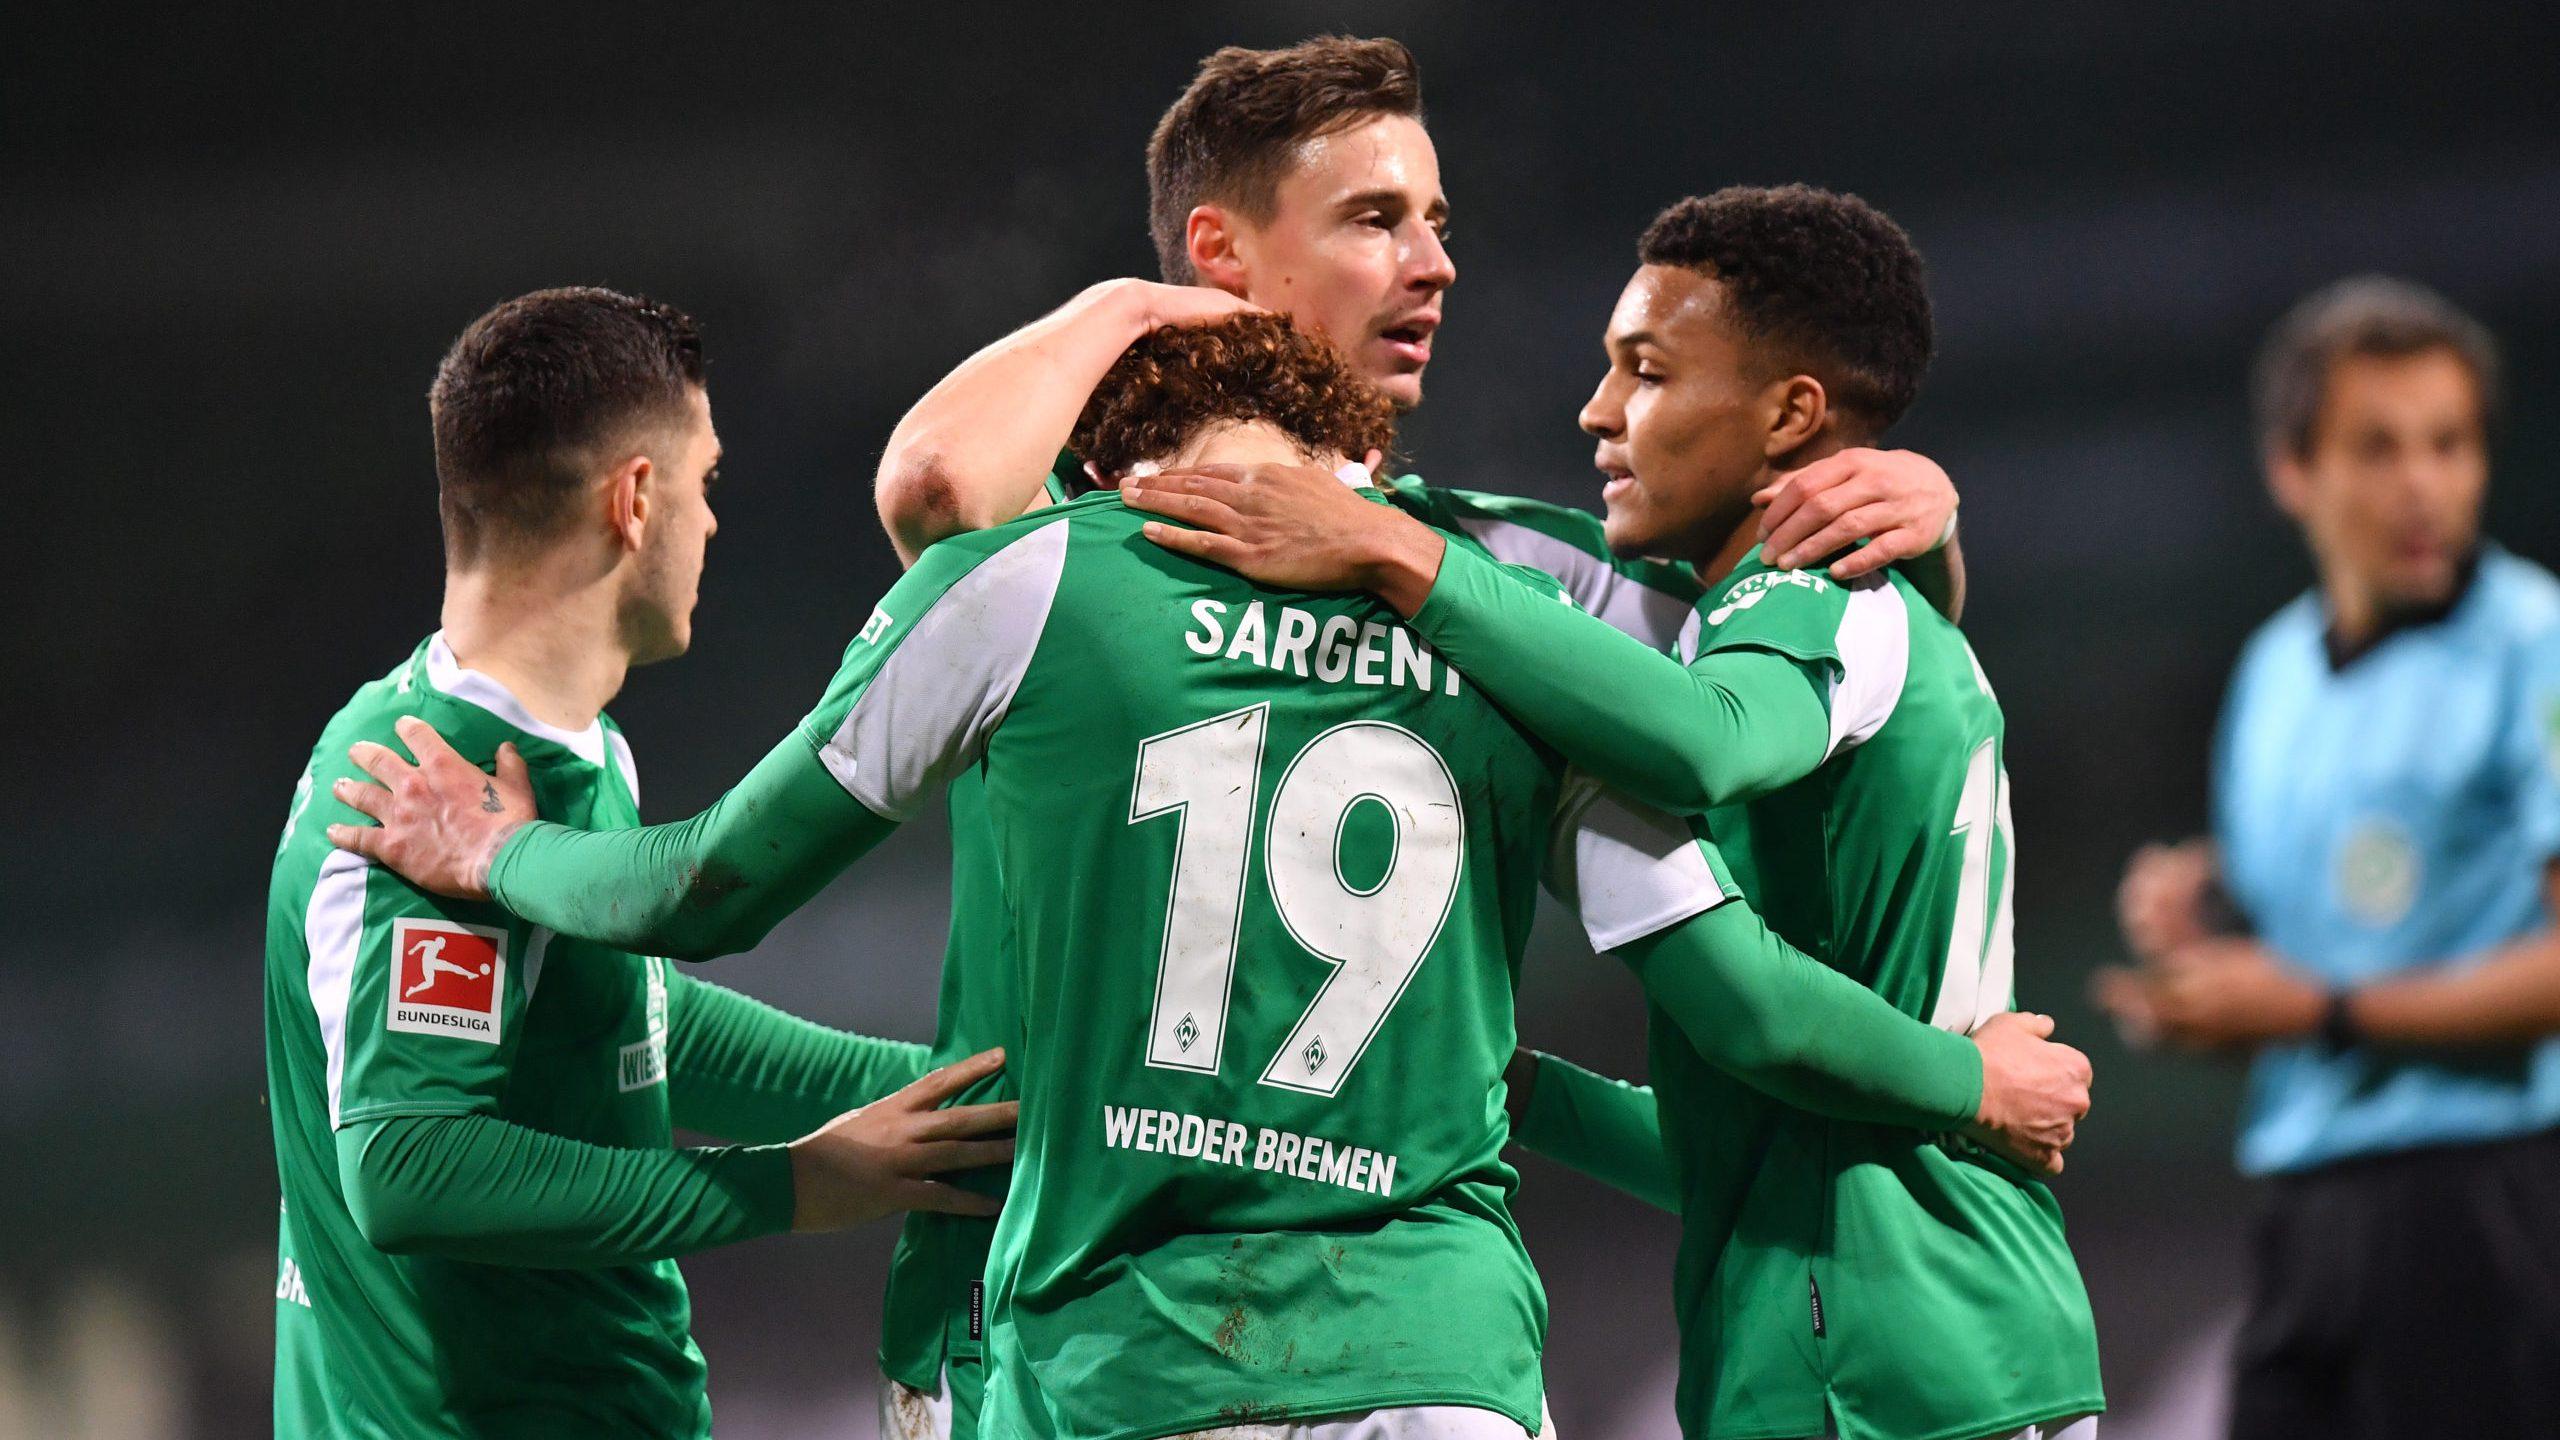 2:1! Werder dreht die Partie gegen Frankfurt